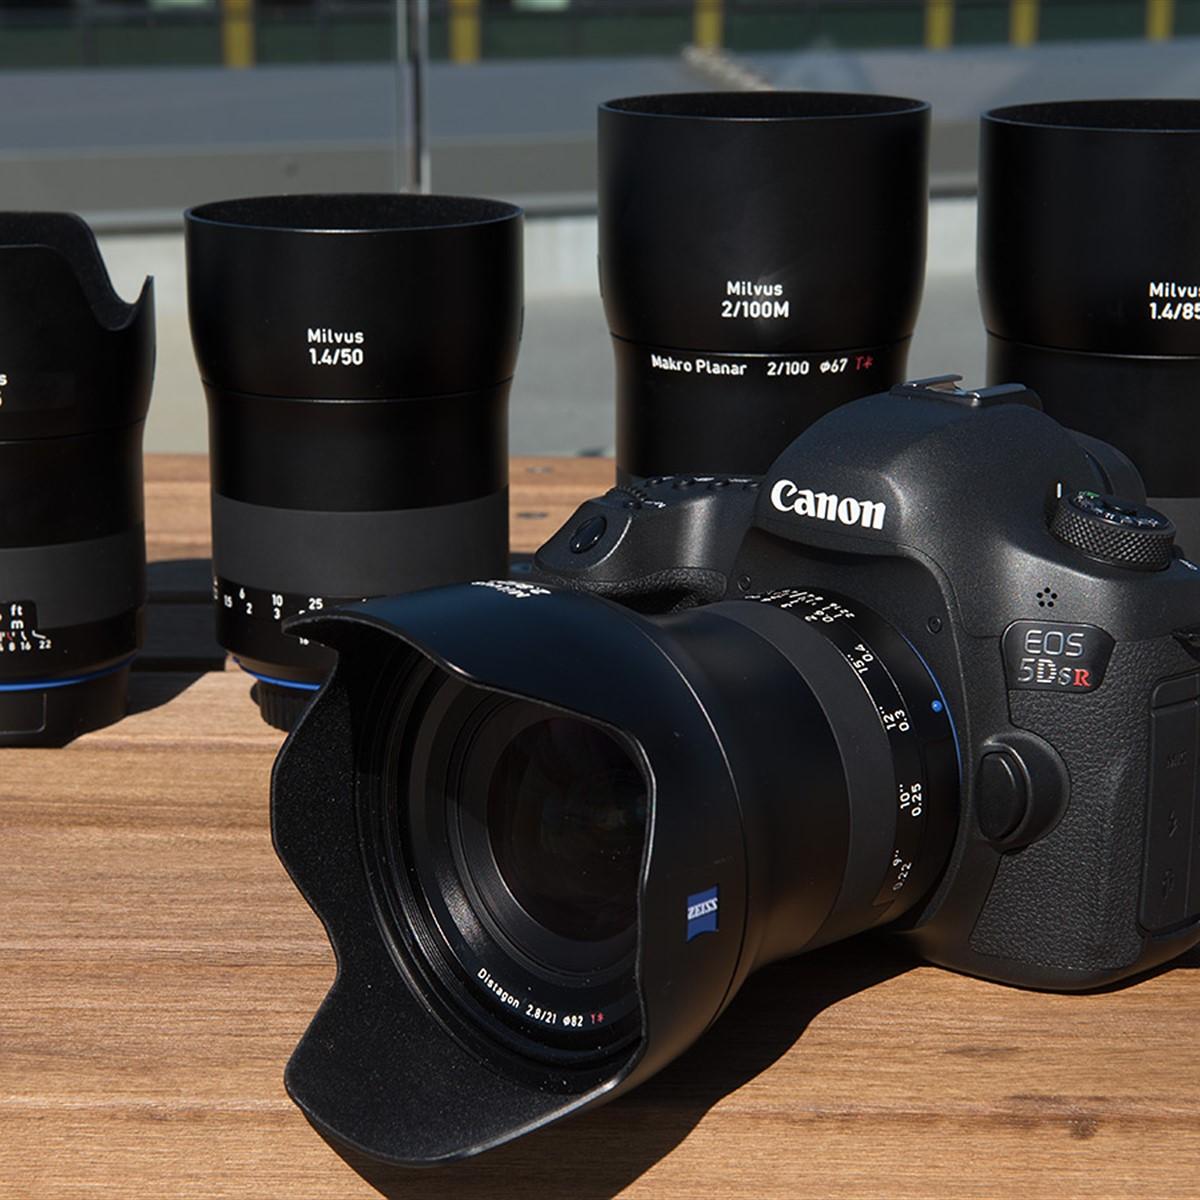 Meet Milvus: Hands-on with Zeiss's Milvus lenses: Digital